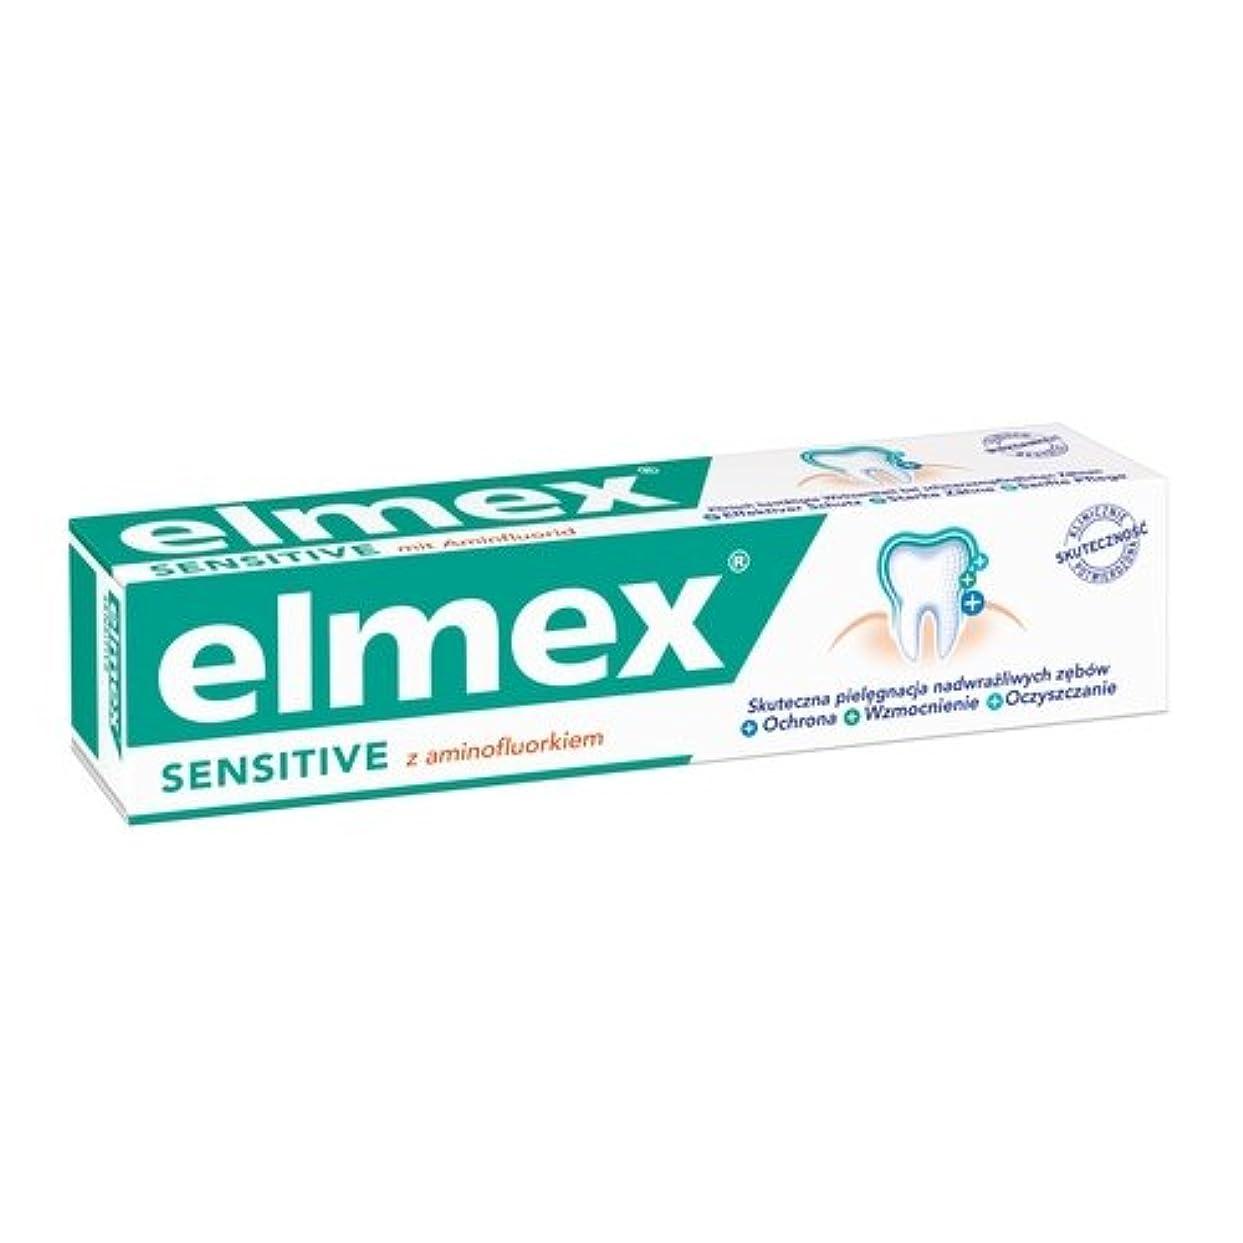 認知明るいイブエルメックス センシティブ 歯磨き粉 Elmex Sensitive 75ml [並行輸入品]